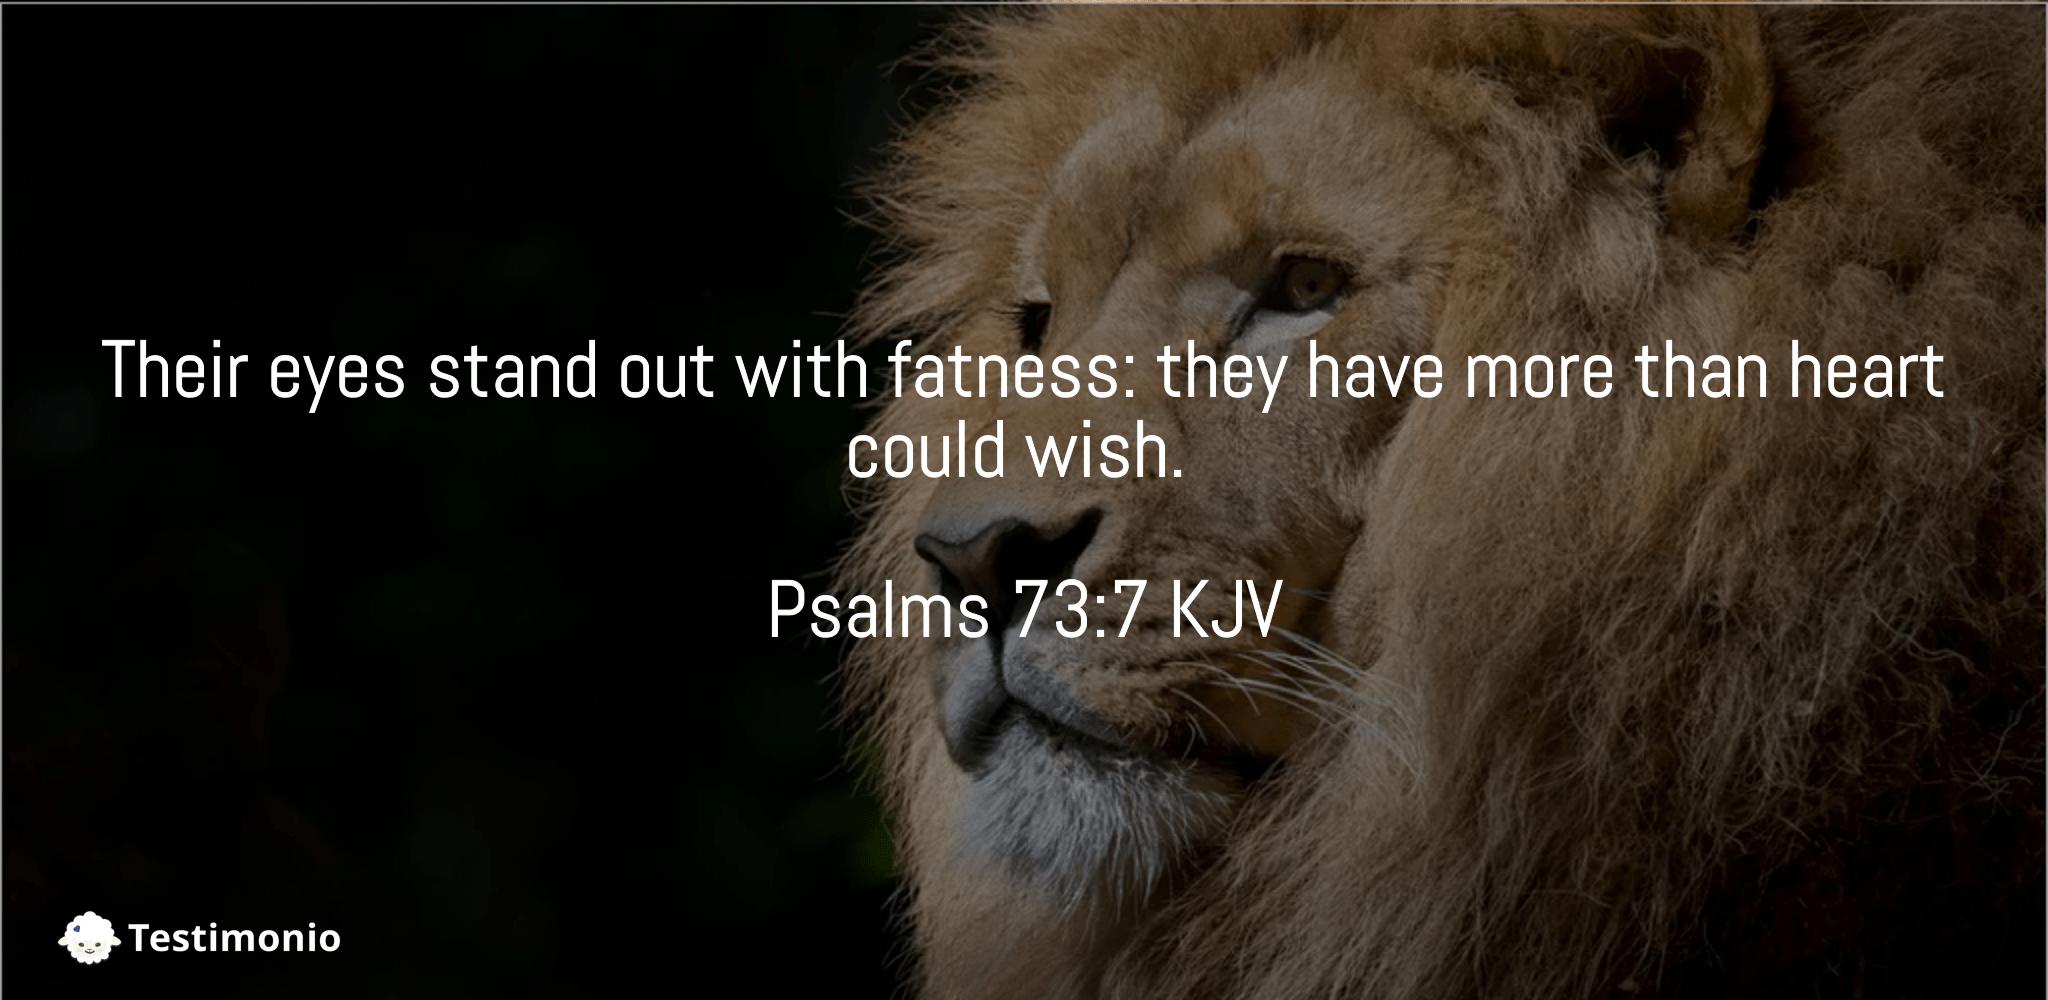 Psalms 73:7